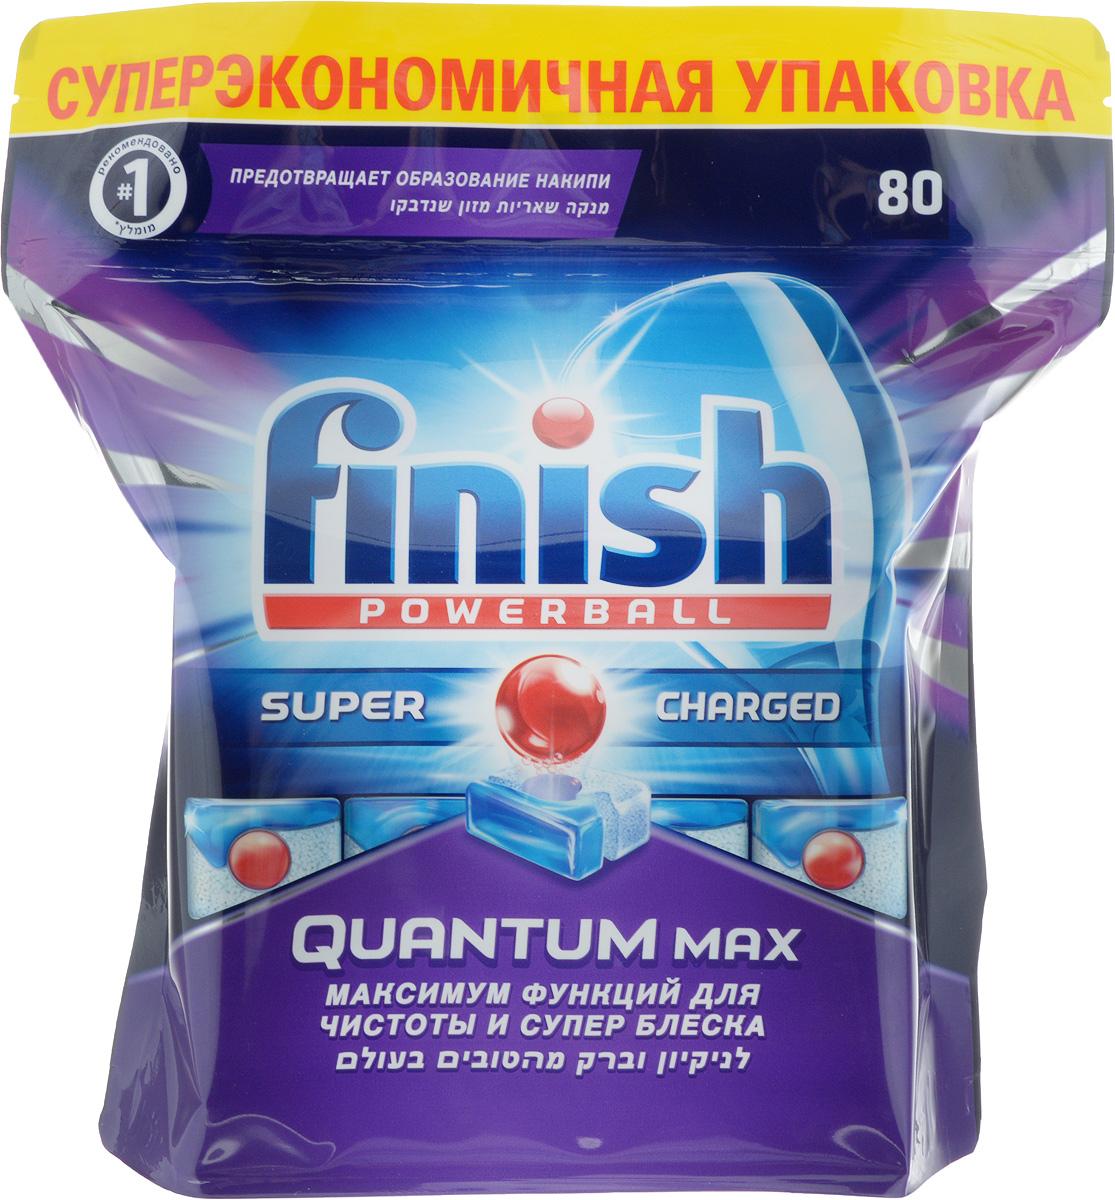 Таблетки для посудомоечной машины Finish Quantum Max, 80 шт562496885123316Таблетки для посудомоечной машины Finish Quantum Max справятся с любыми трудностями. Они обеспечат великолепное сияние и чистоту всей вашей посуды: от стаканов до вилок и ложек, от чайников до сковородок. Таблетки содержат формулу Powerball, которая обеспечит наилучшее очищение и блеск, а также предотвратит образование накипи в посудомоечной машине. Товар сертифицирован.